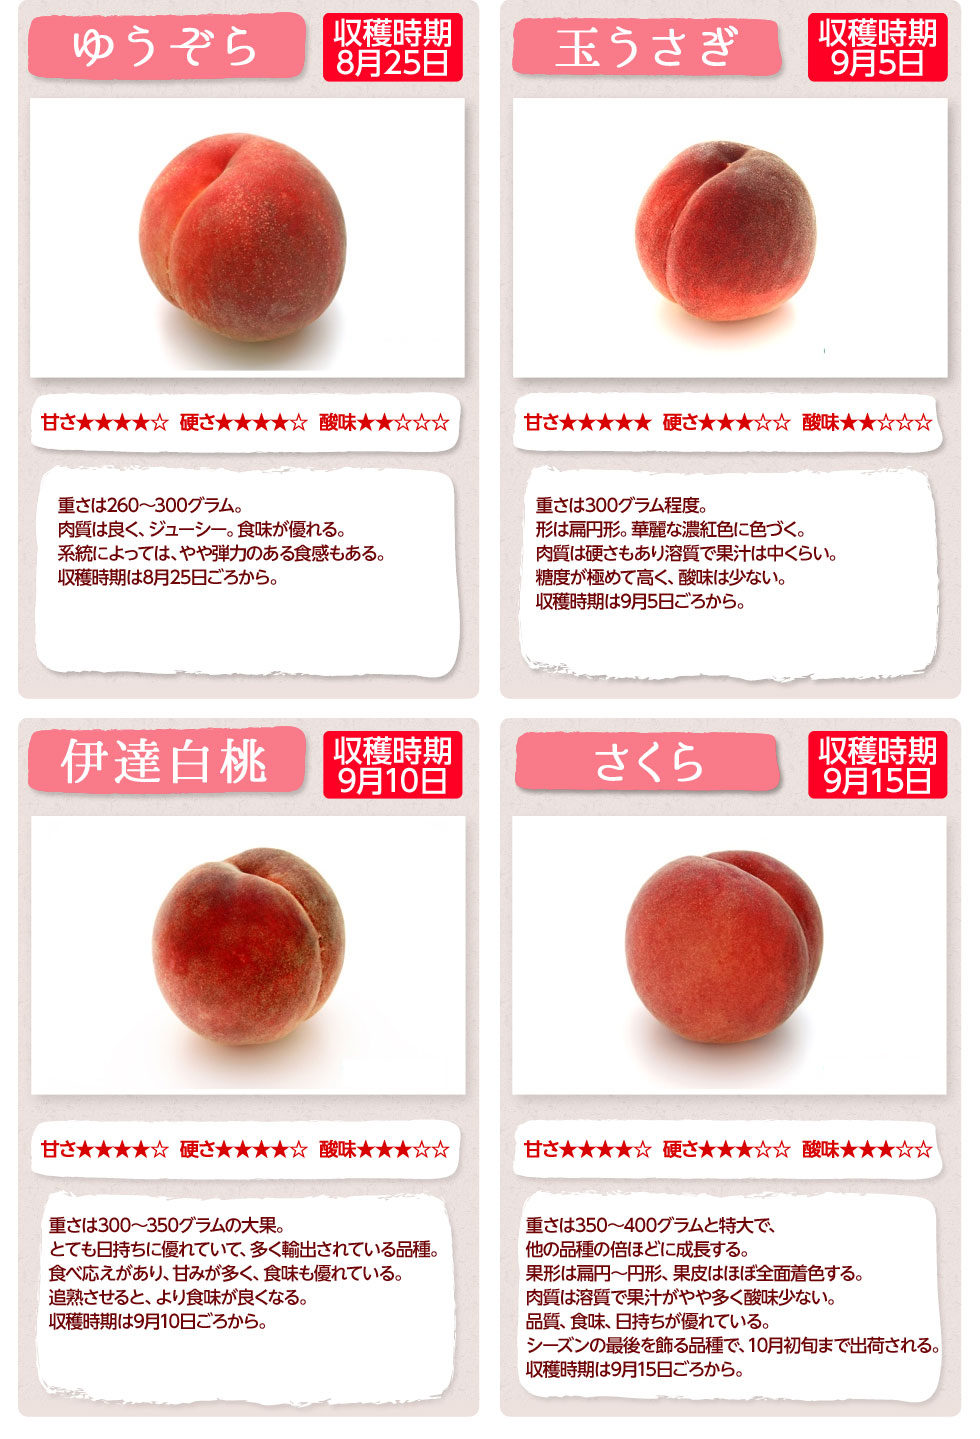 当店取扱いの桃の種類について